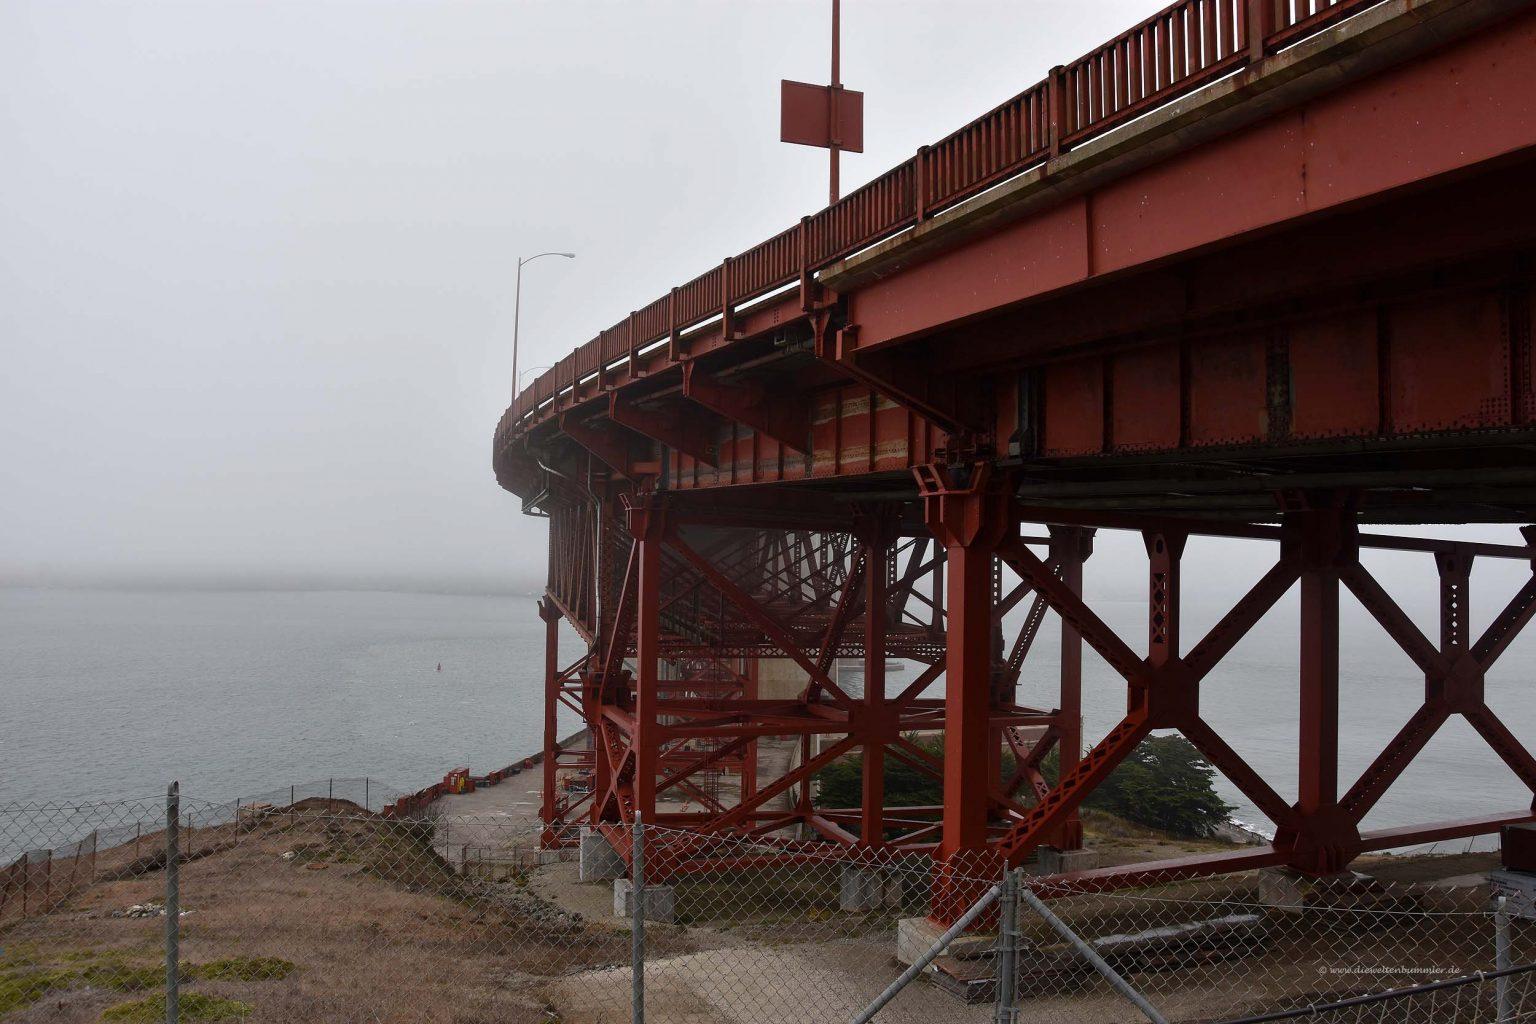 Golden Gate Bridge von unten